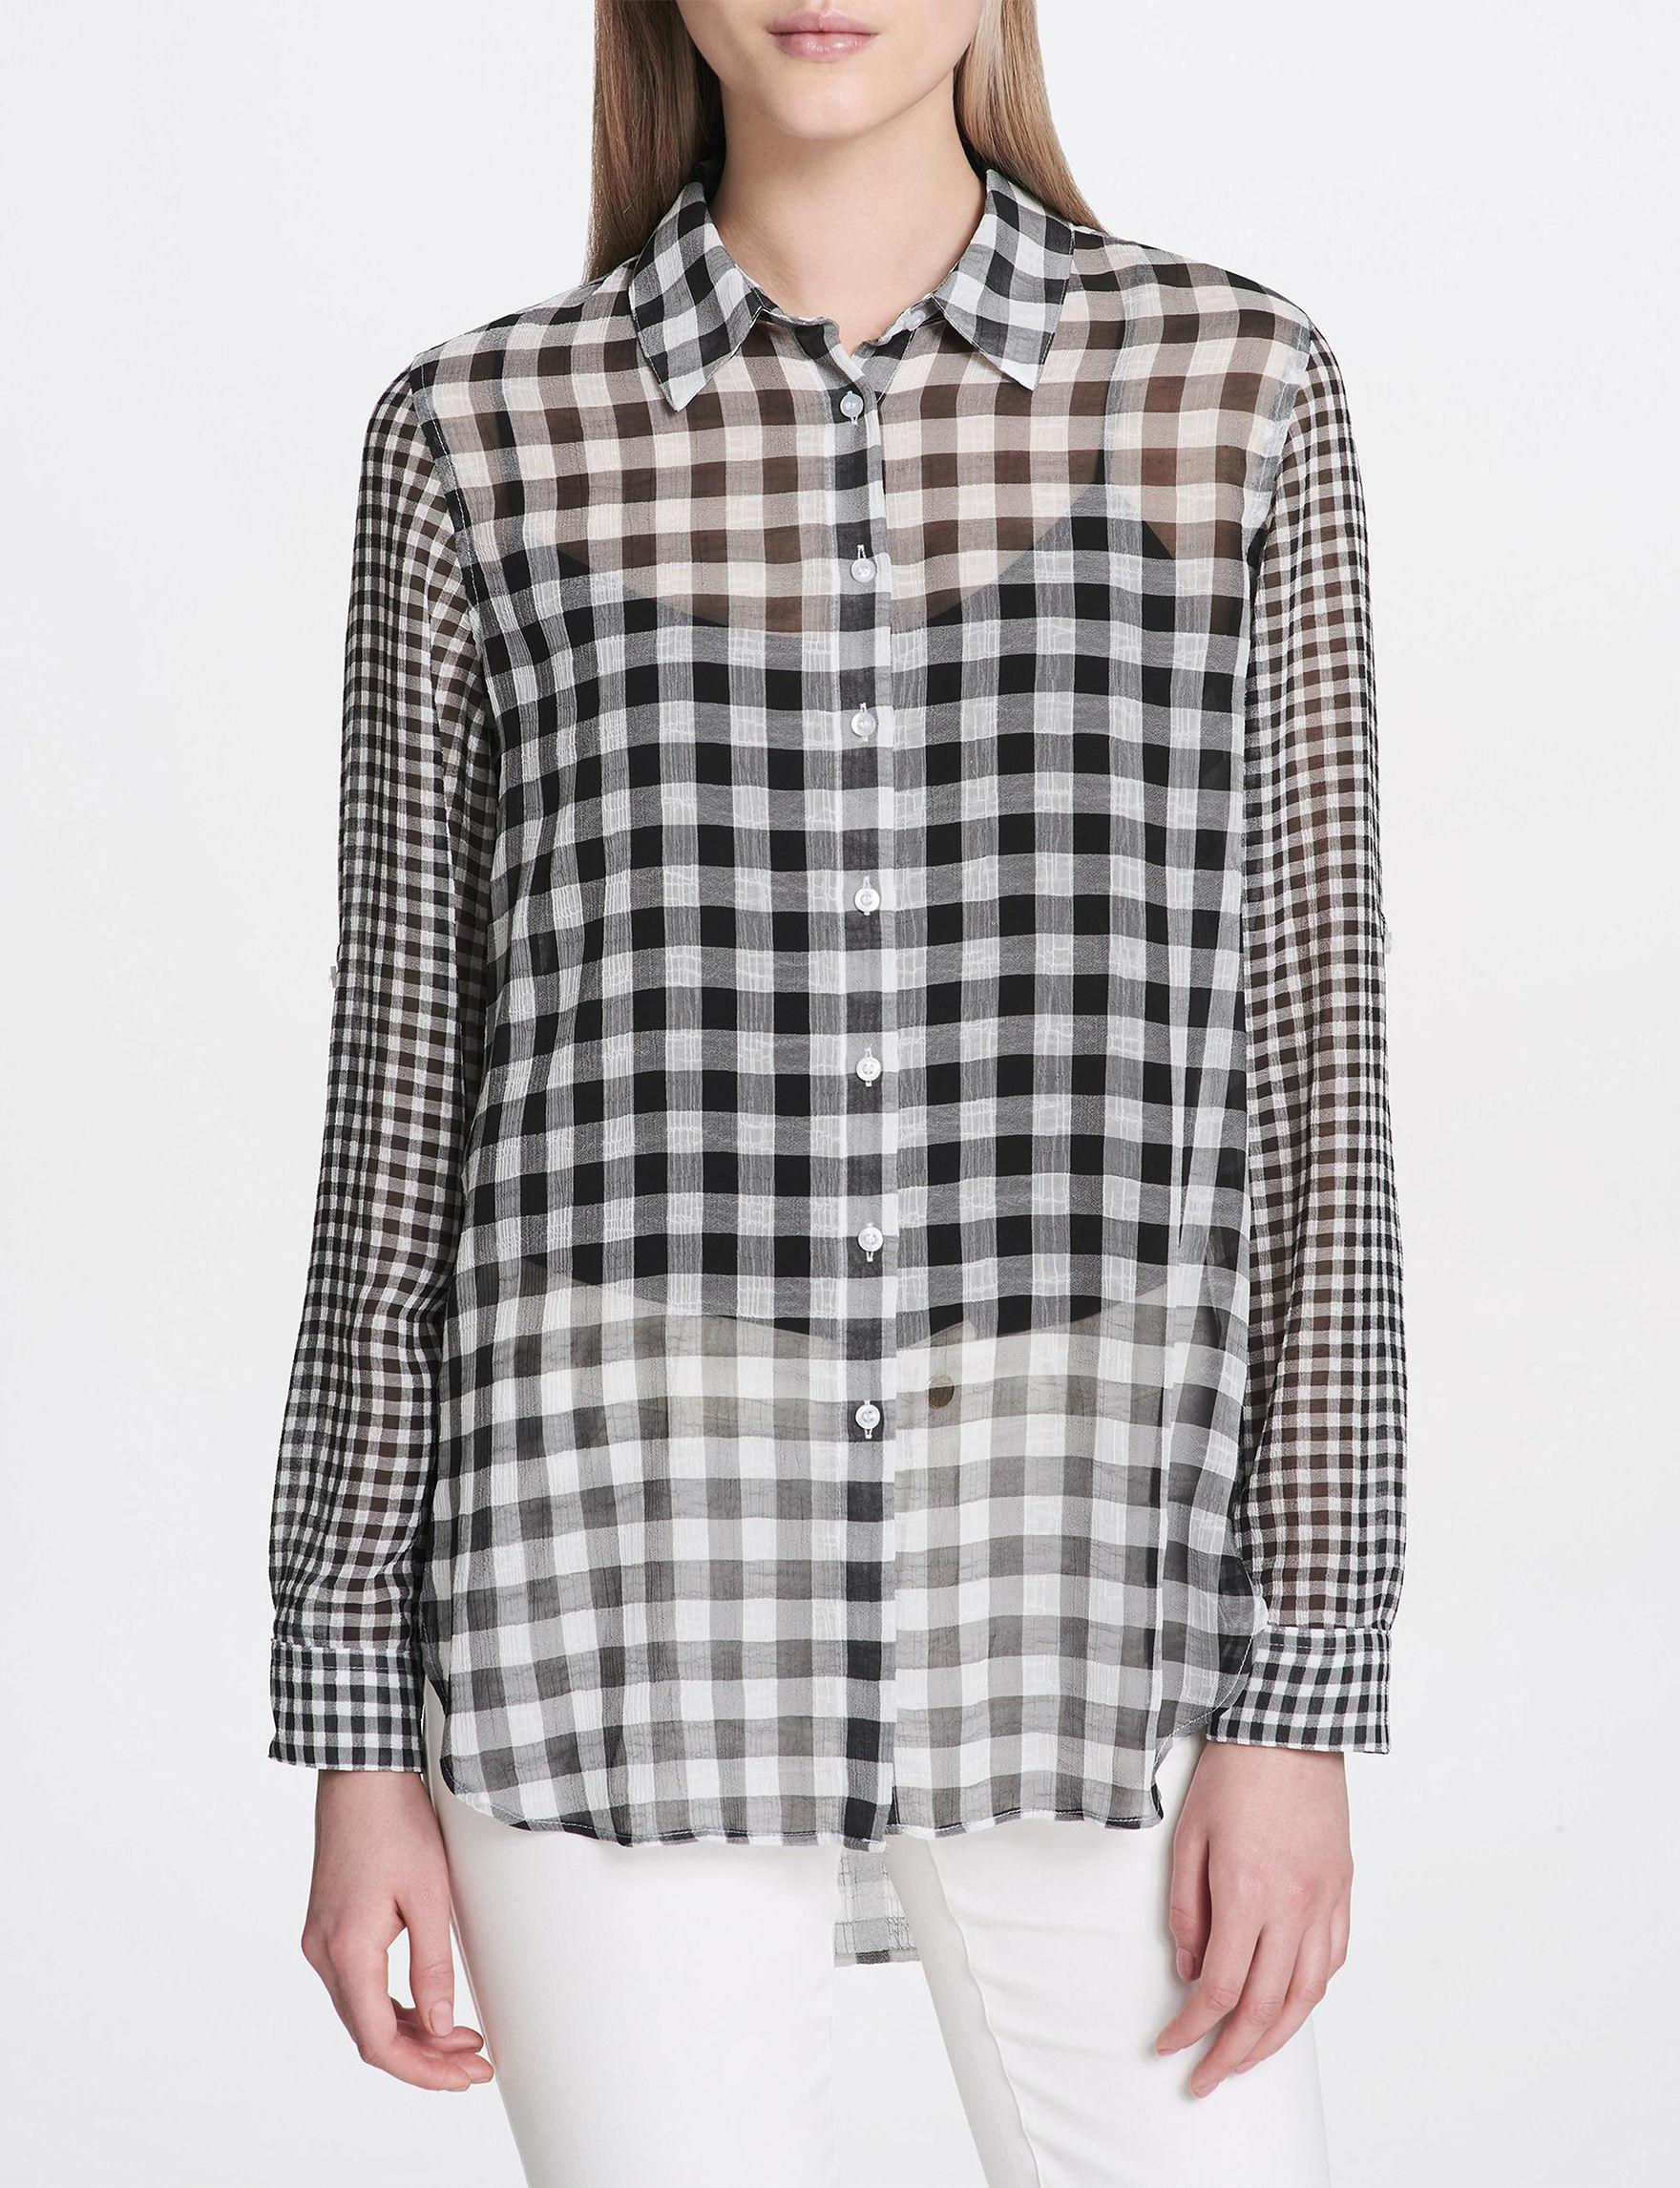 Calvin Klein Black / White Shirts & Blouses